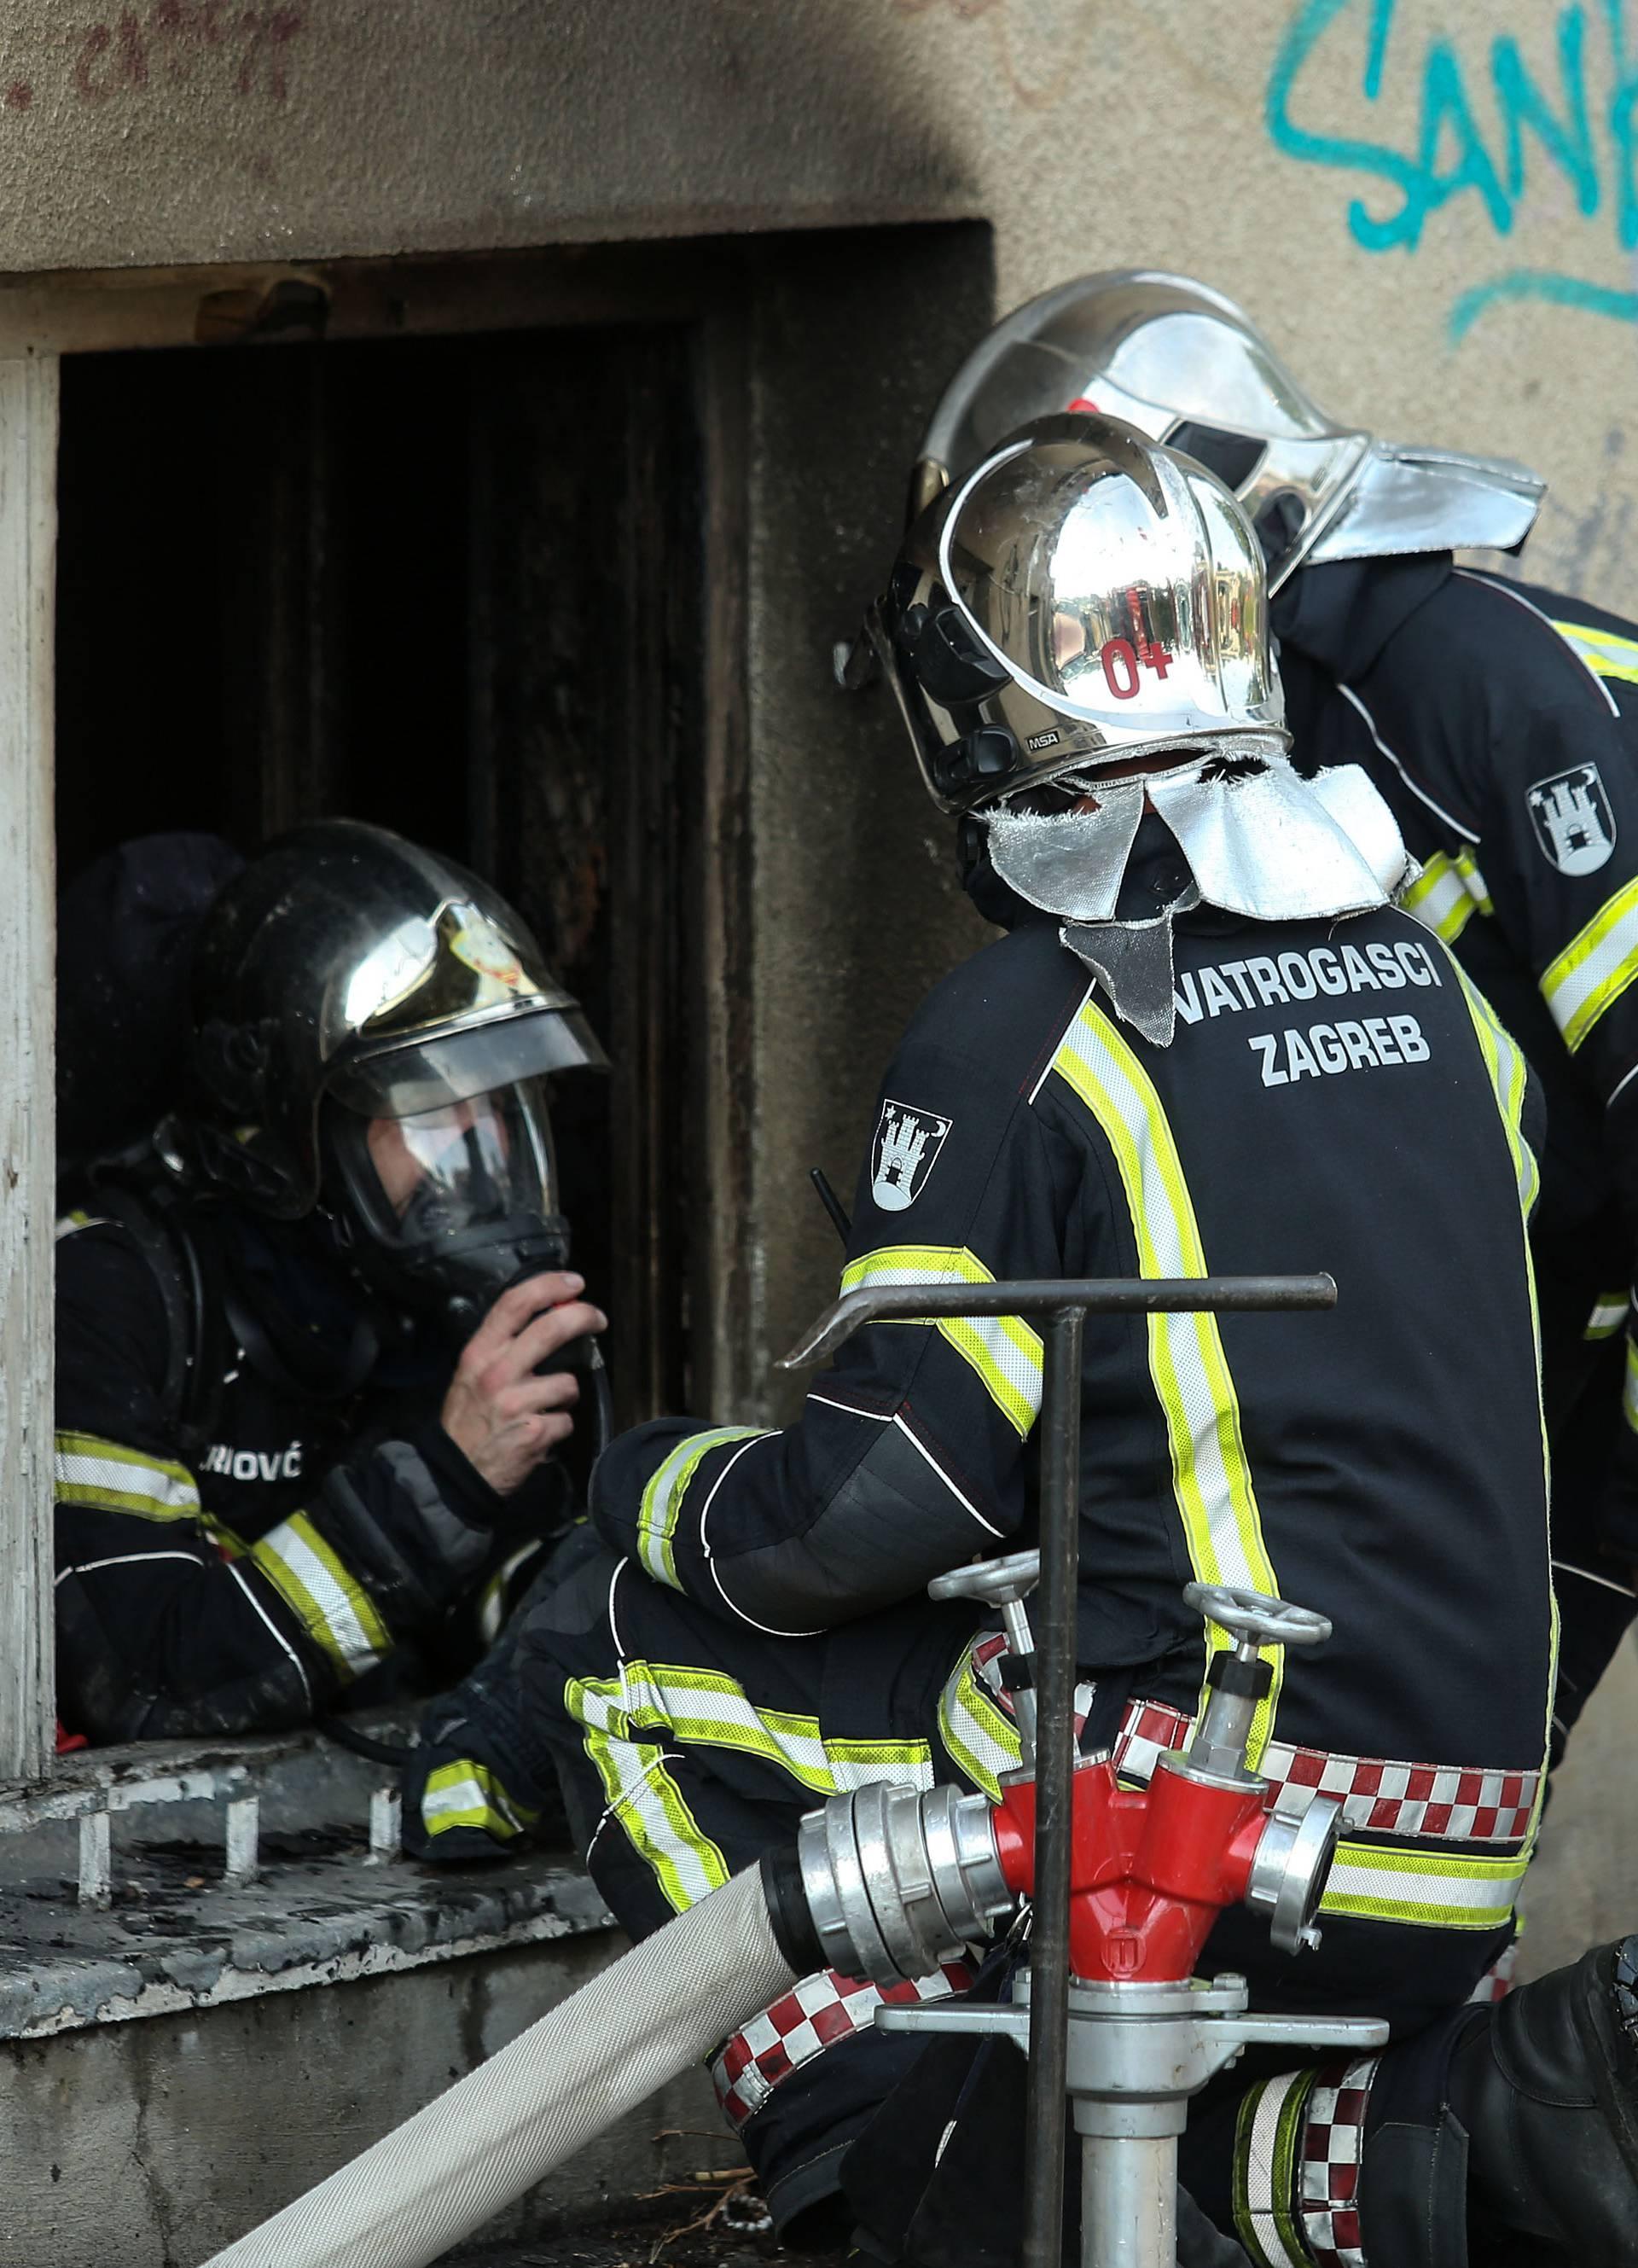 Dvoje ljudi ozlijeđeno u požaru podrumskog stana u Zagrebu